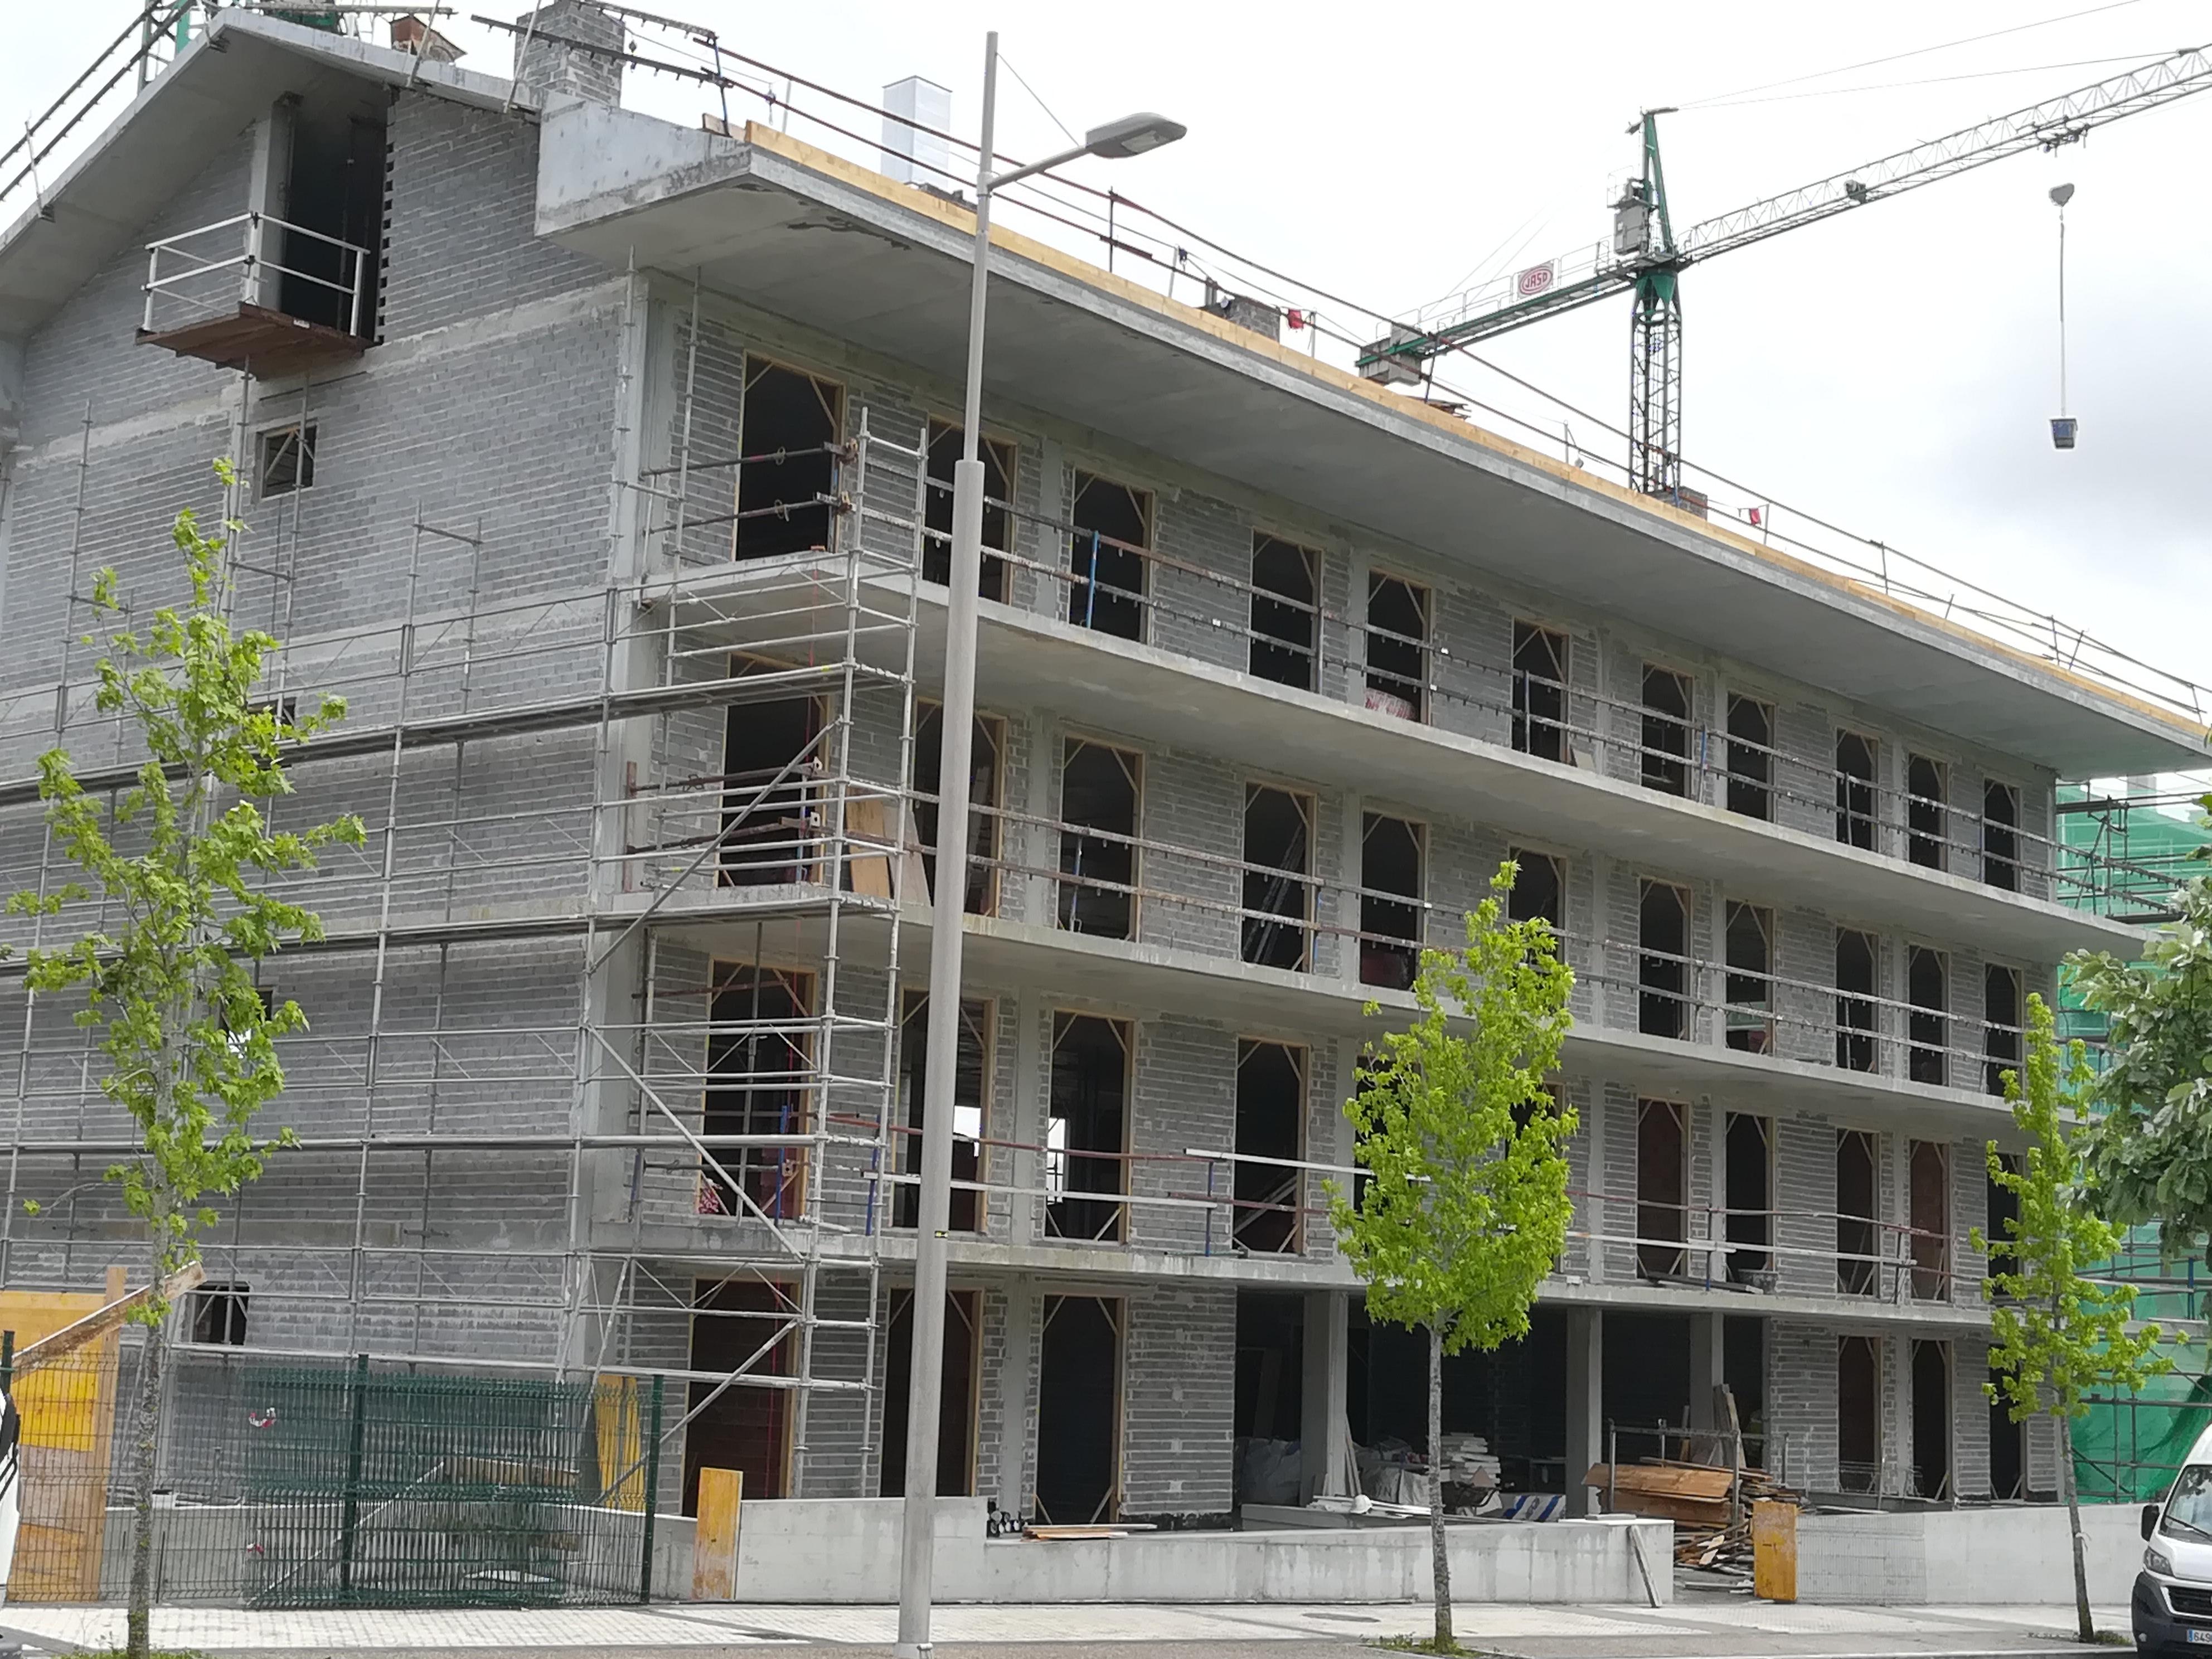 Progreso obras nueva construccion en Hondarribia